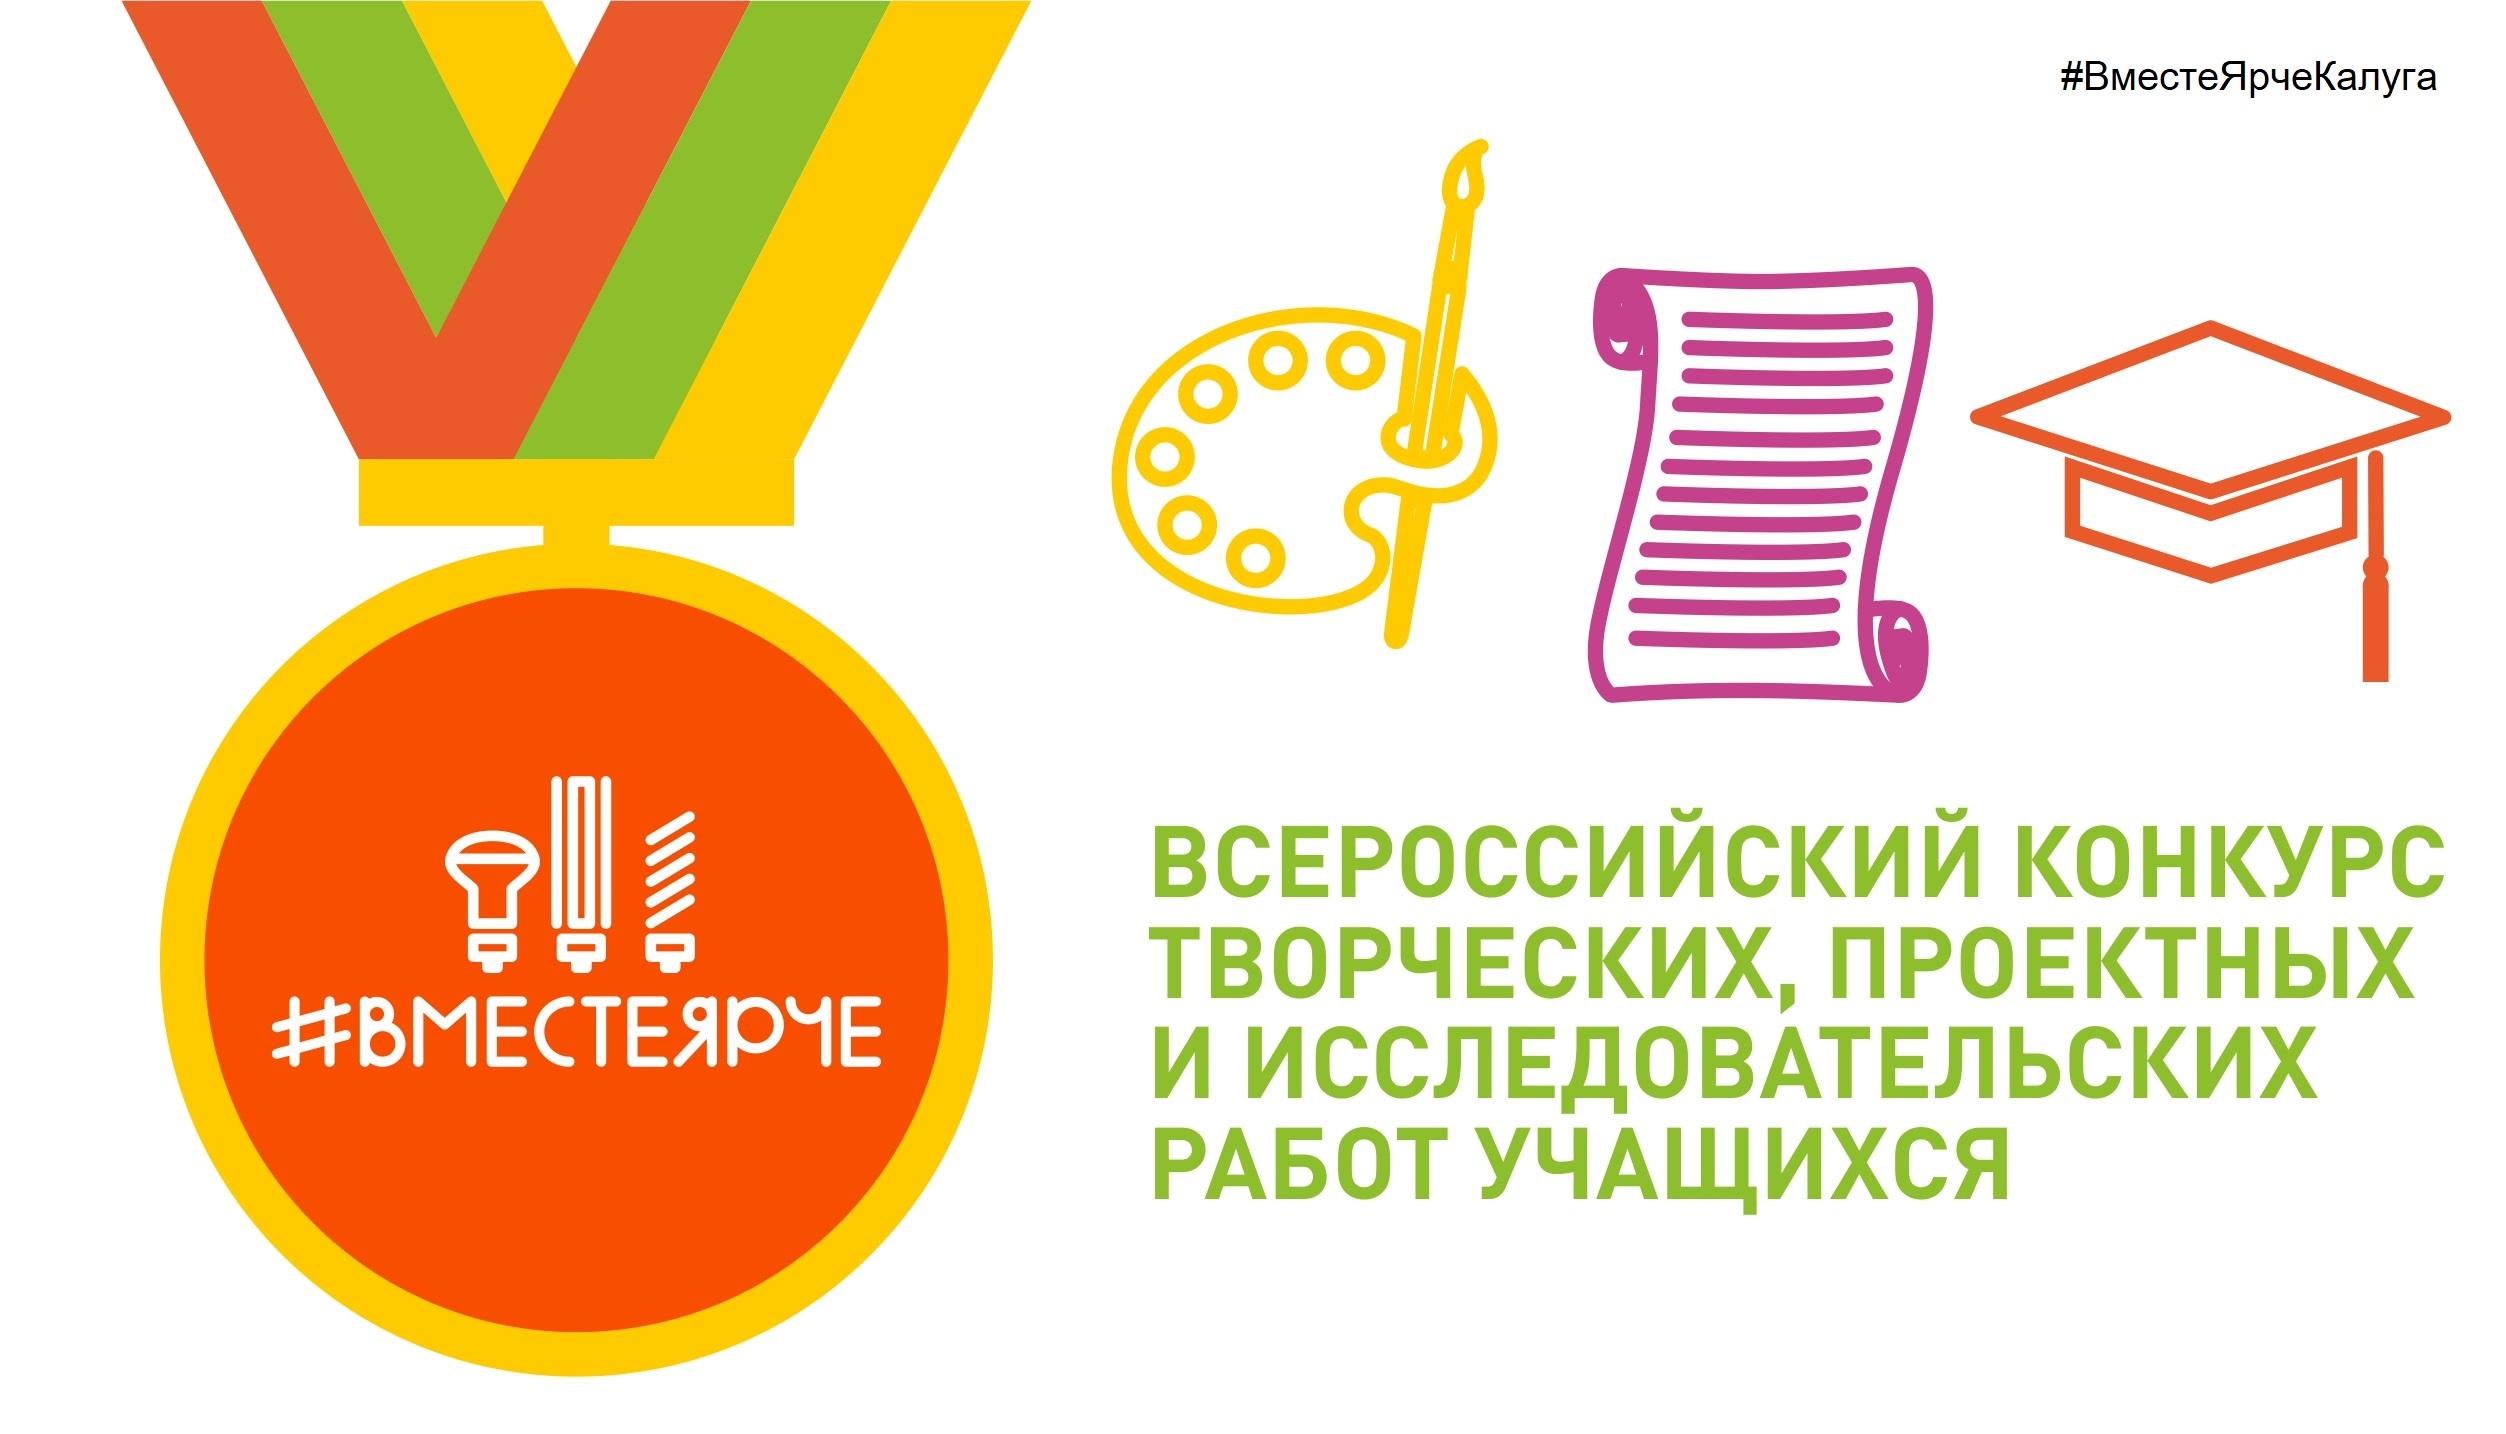 Всероссийского конкурса творческих, проектных и исследовательских работ #ВместеЯрче